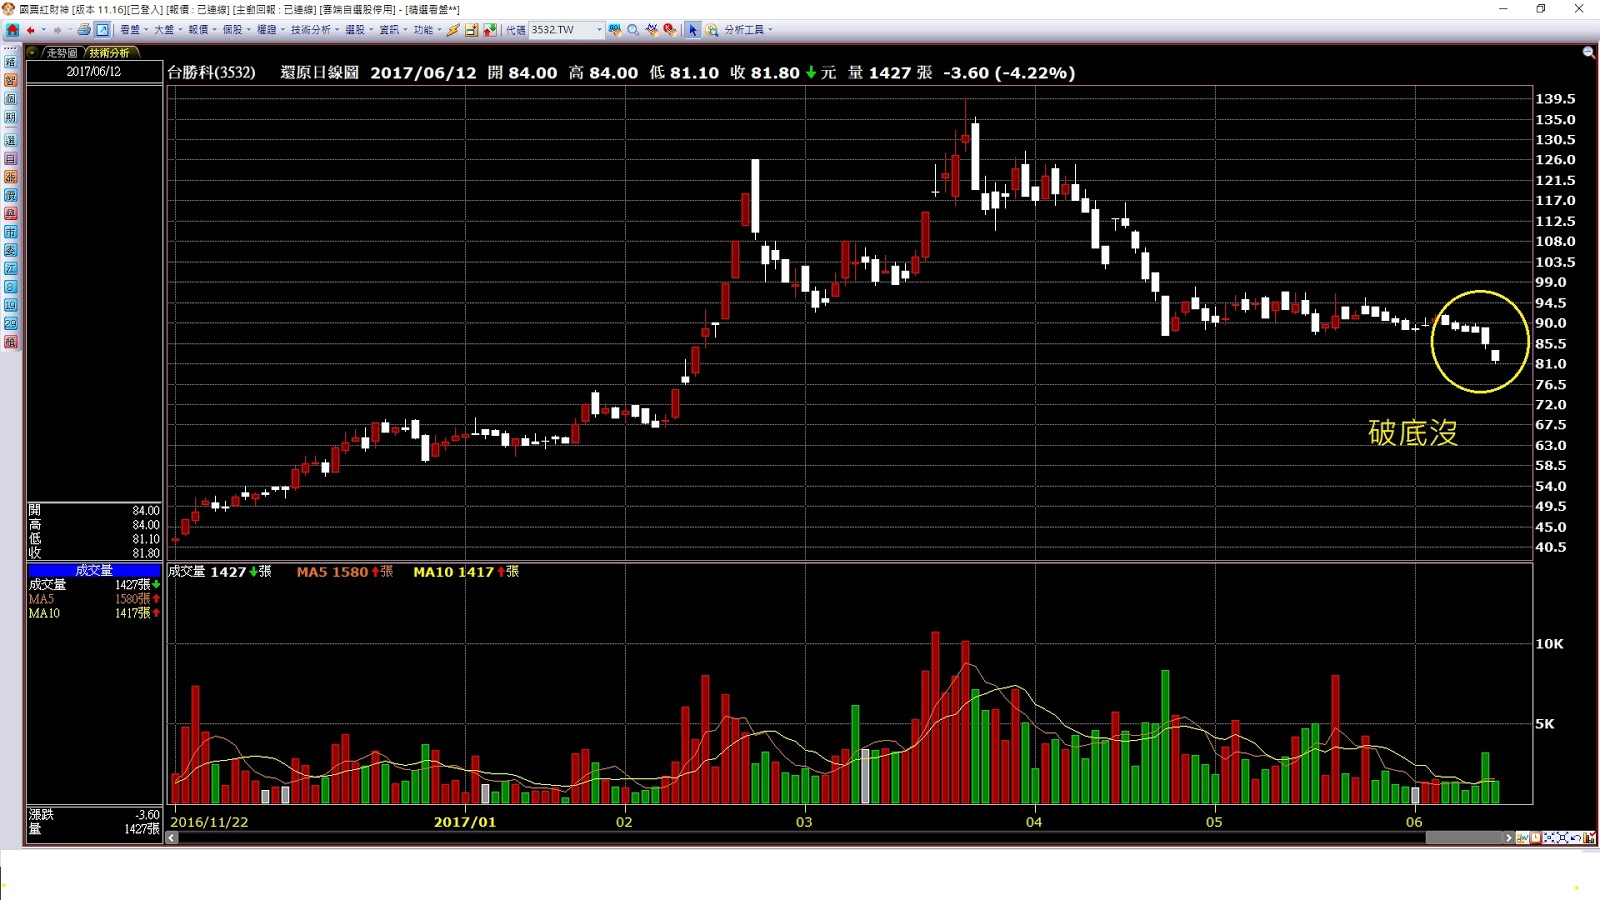 風華股市 投資日誌: 九陰,中繼,加慣性:這是空方3要命。 3532臺勝科